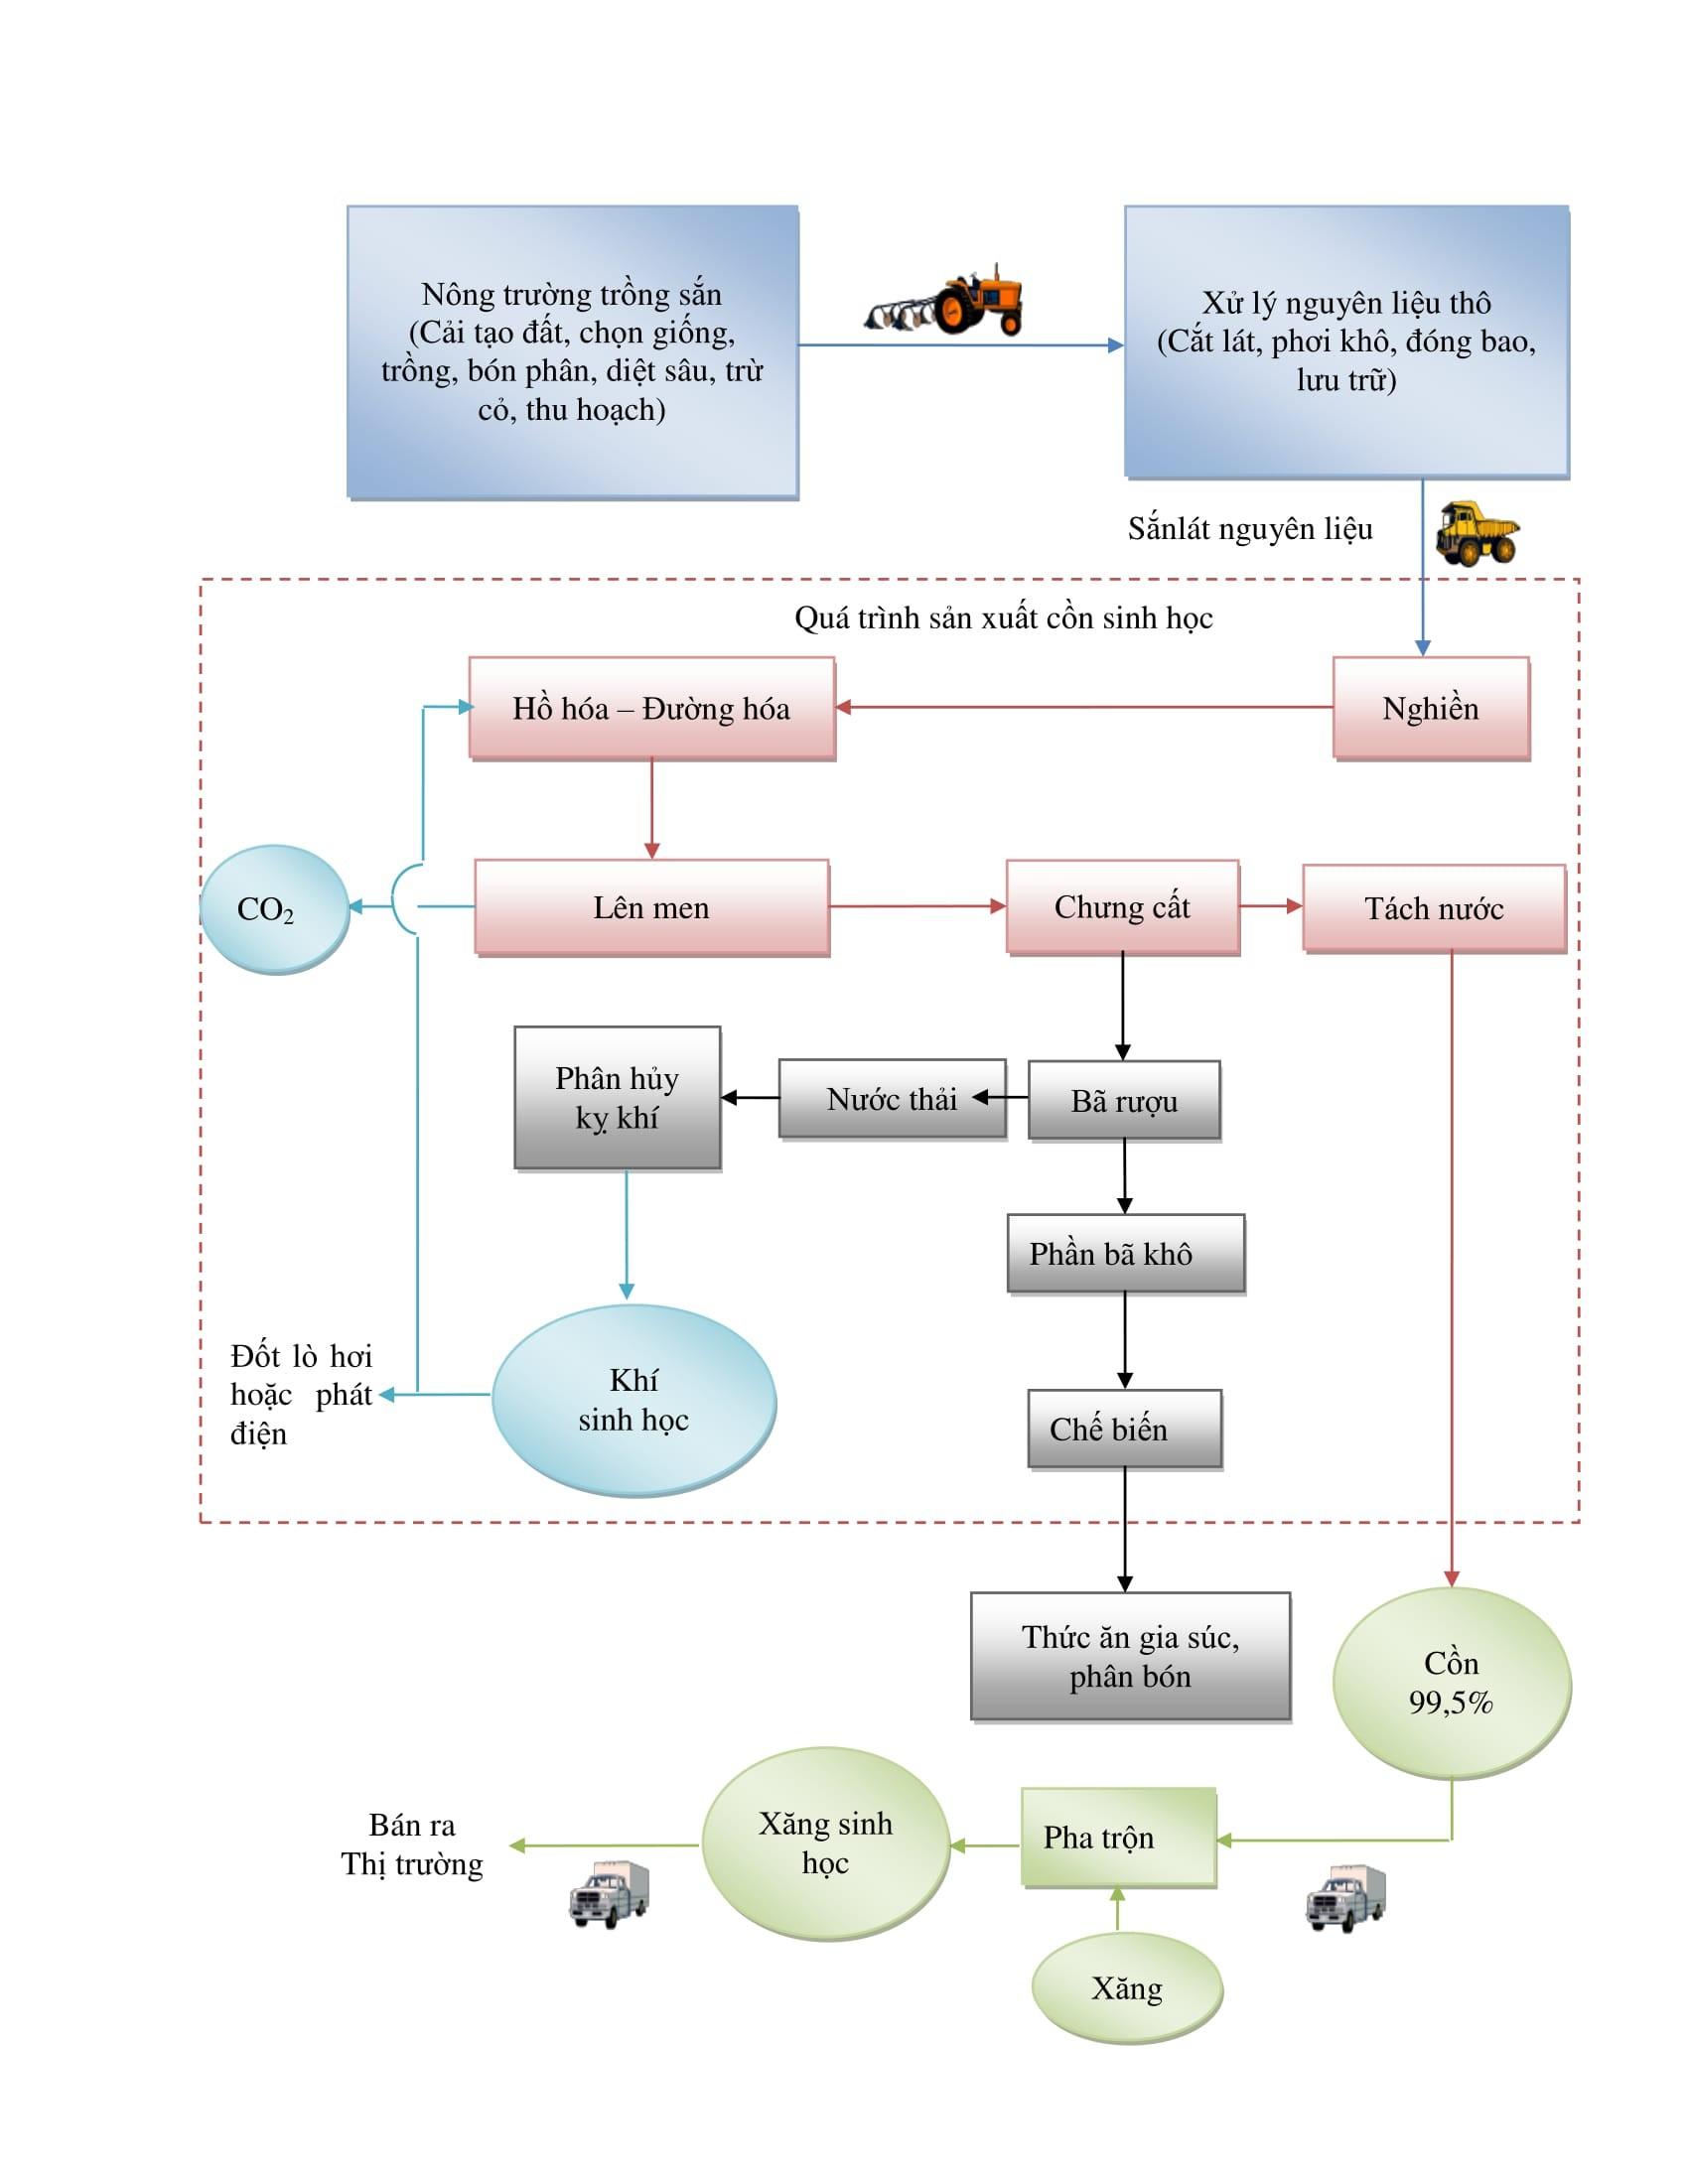 Quy trình sản xuất cồn ethanol